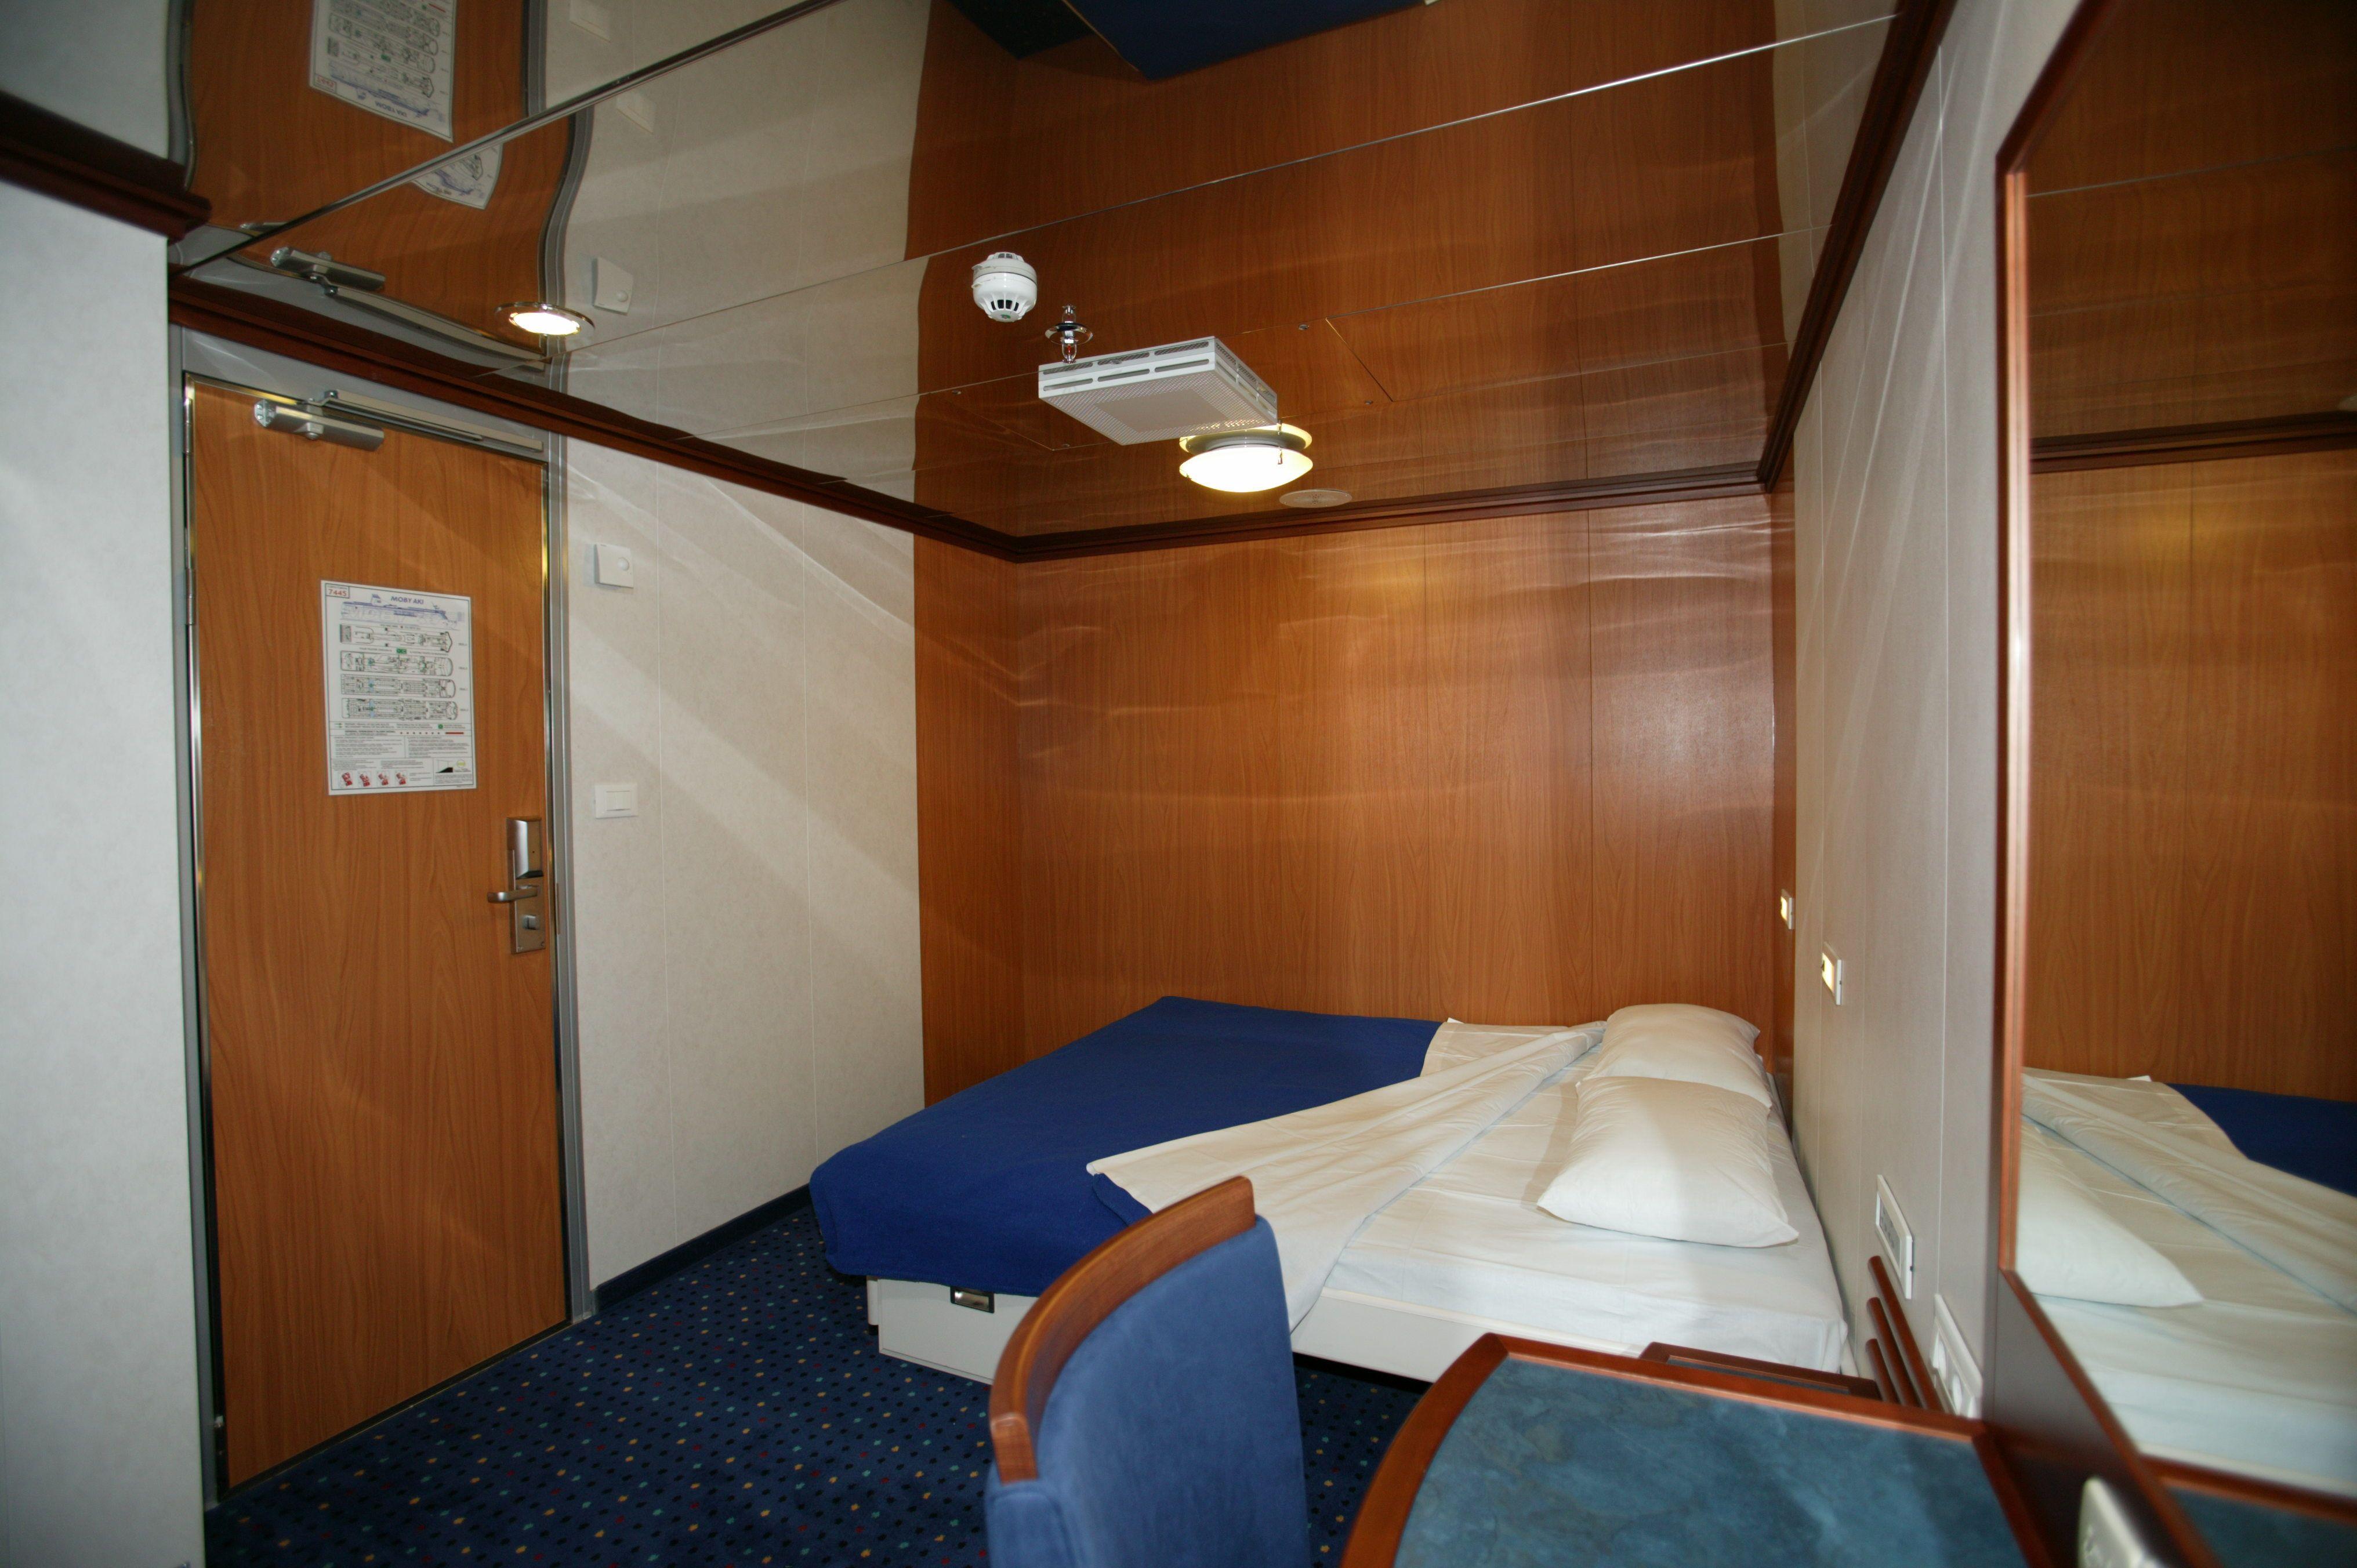 Non solo gli esterni ma anche gli interni hanno uno stile davvero unico I LooneyTunes ti ac pagnano per tutto il traghetto verso la Sargena …